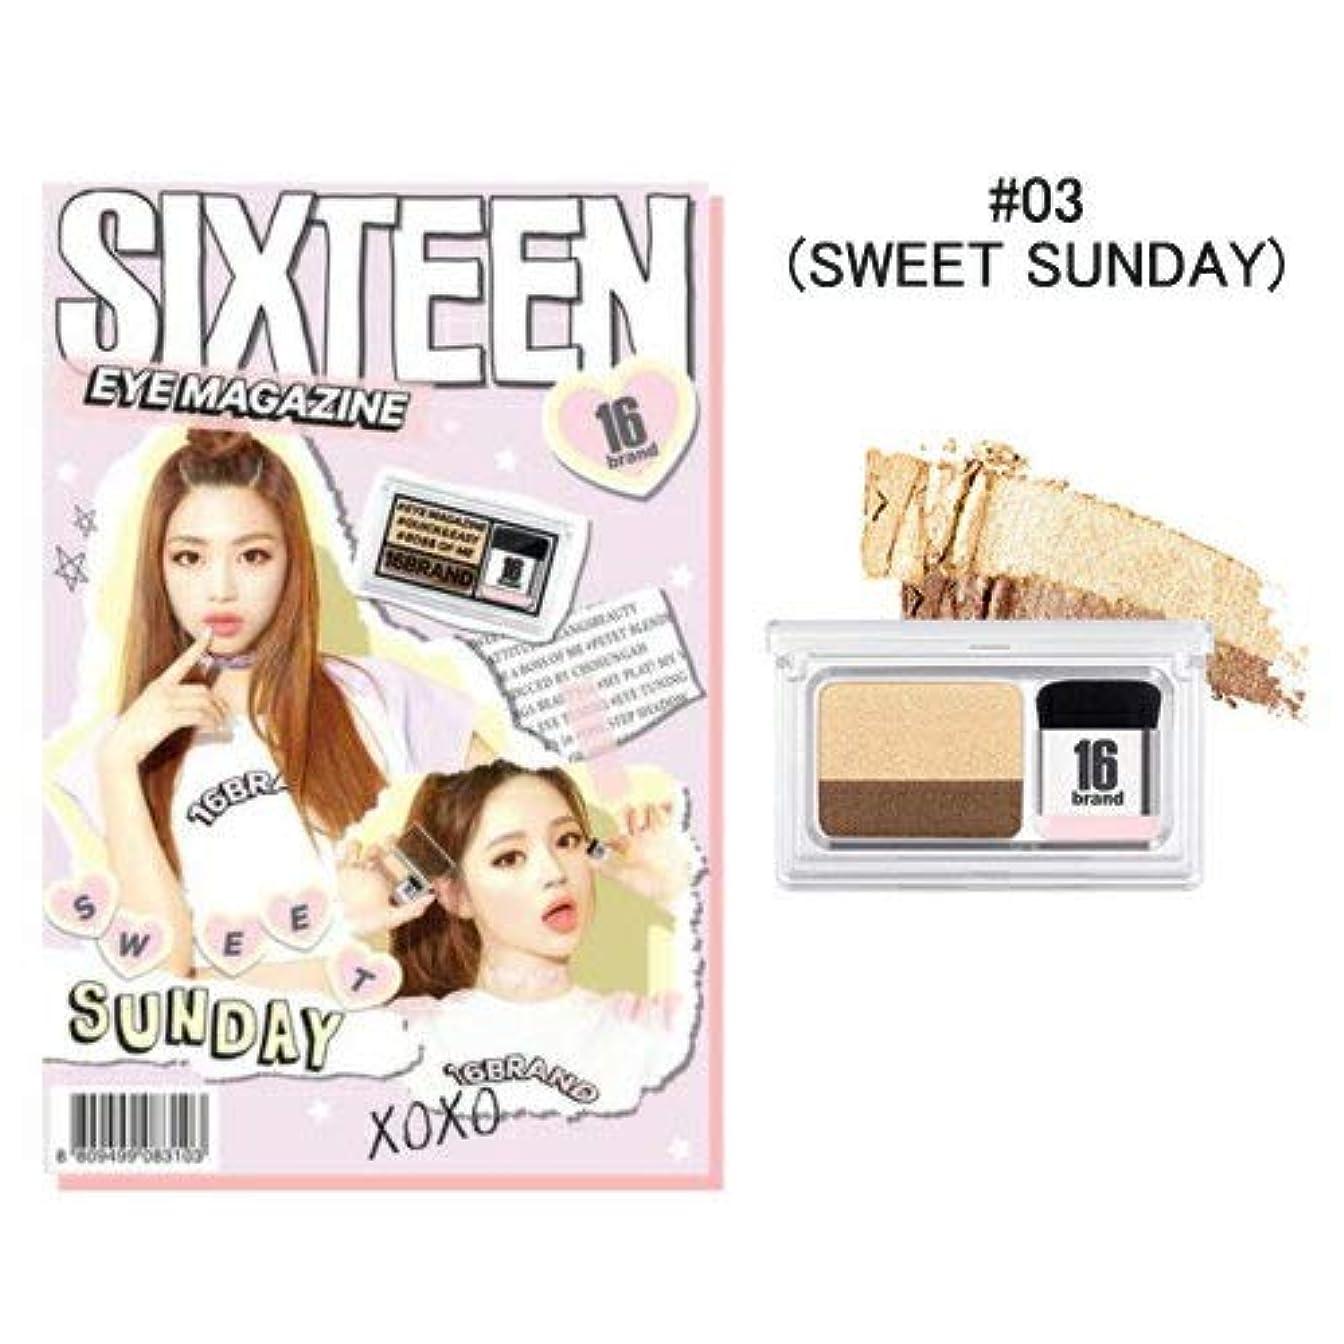 劇作家ブートジョットディボンドン[New Color] 16brand Sixteen Eye Magazine 2g /16ブランド シックスティーン アイ マガジン 2g (#03 SWEET SUNDAY) [並行輸入品]